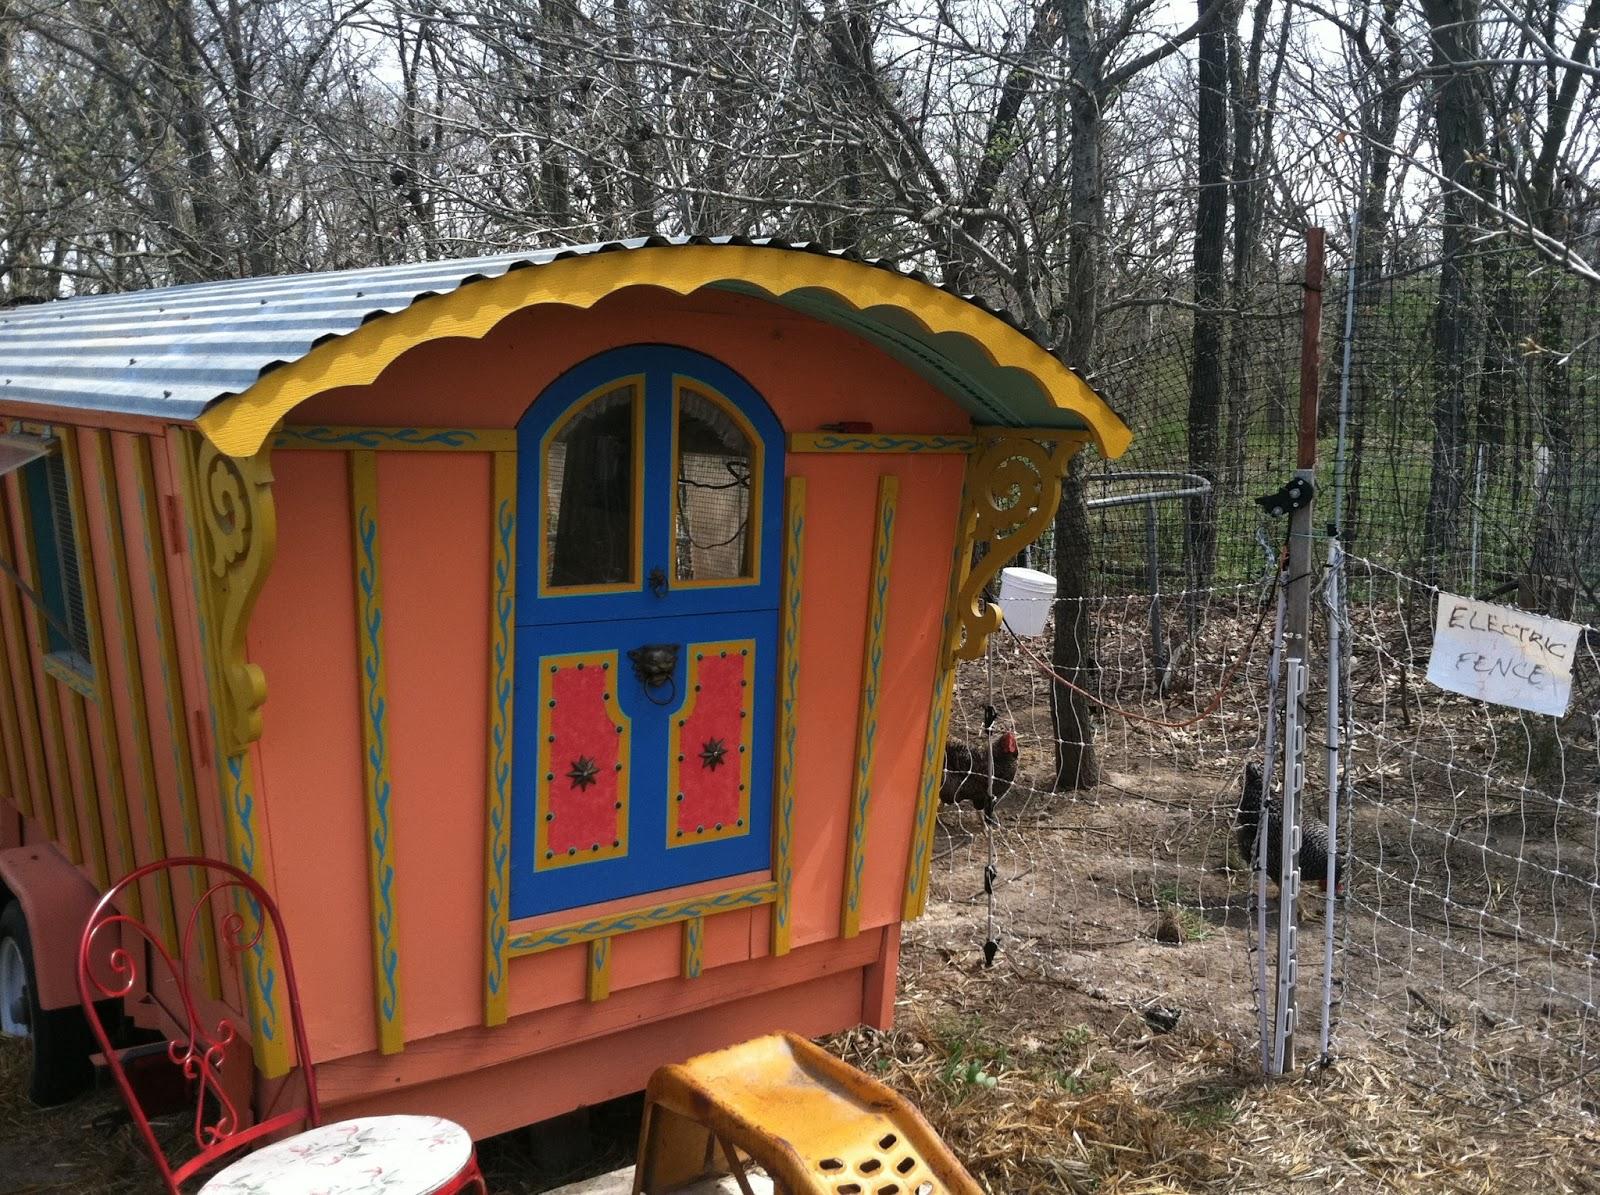 Tiny Home Designs: Tiny House Living: Tuesday's Tiny House Tour